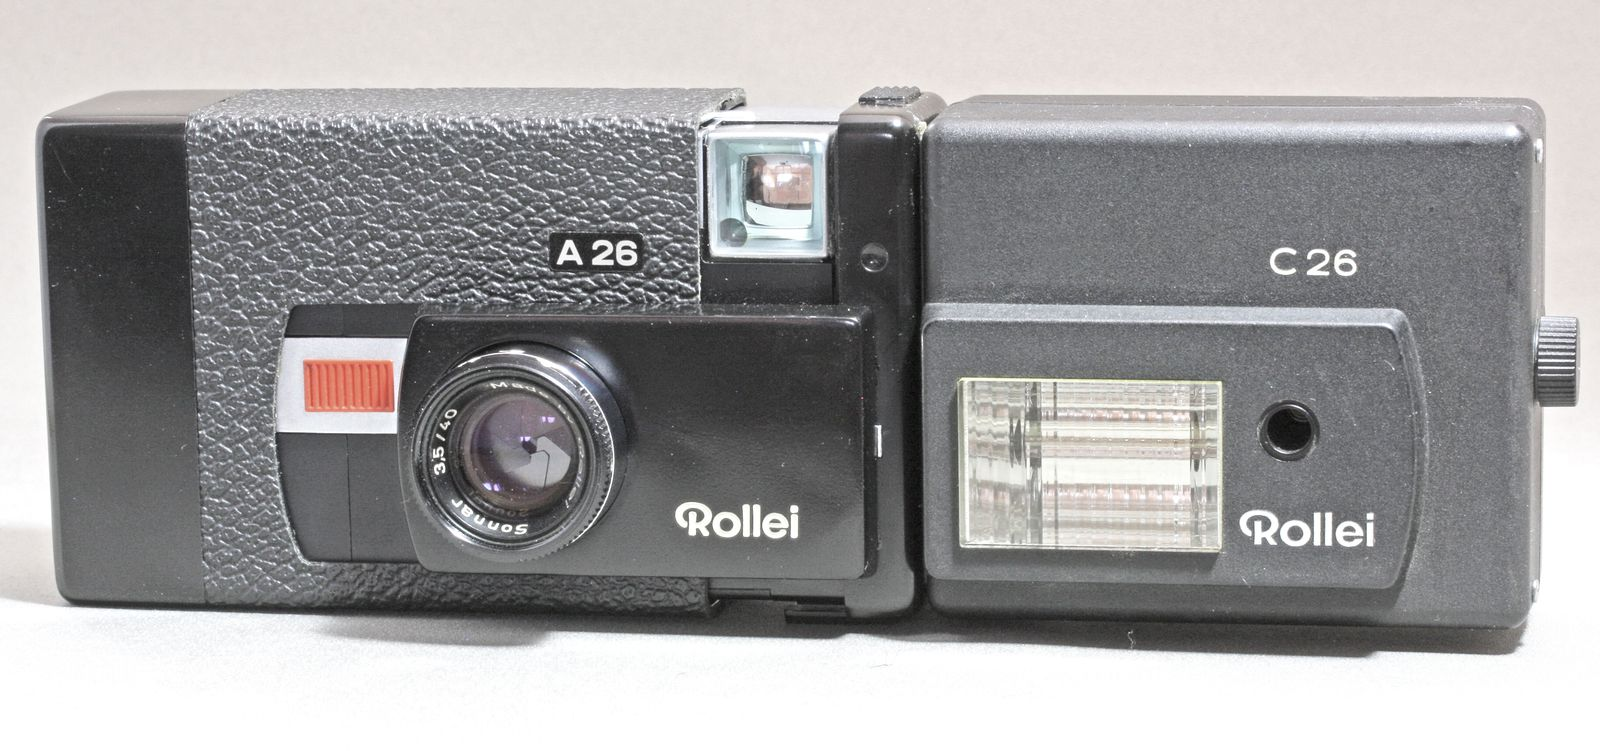 Rollei A26